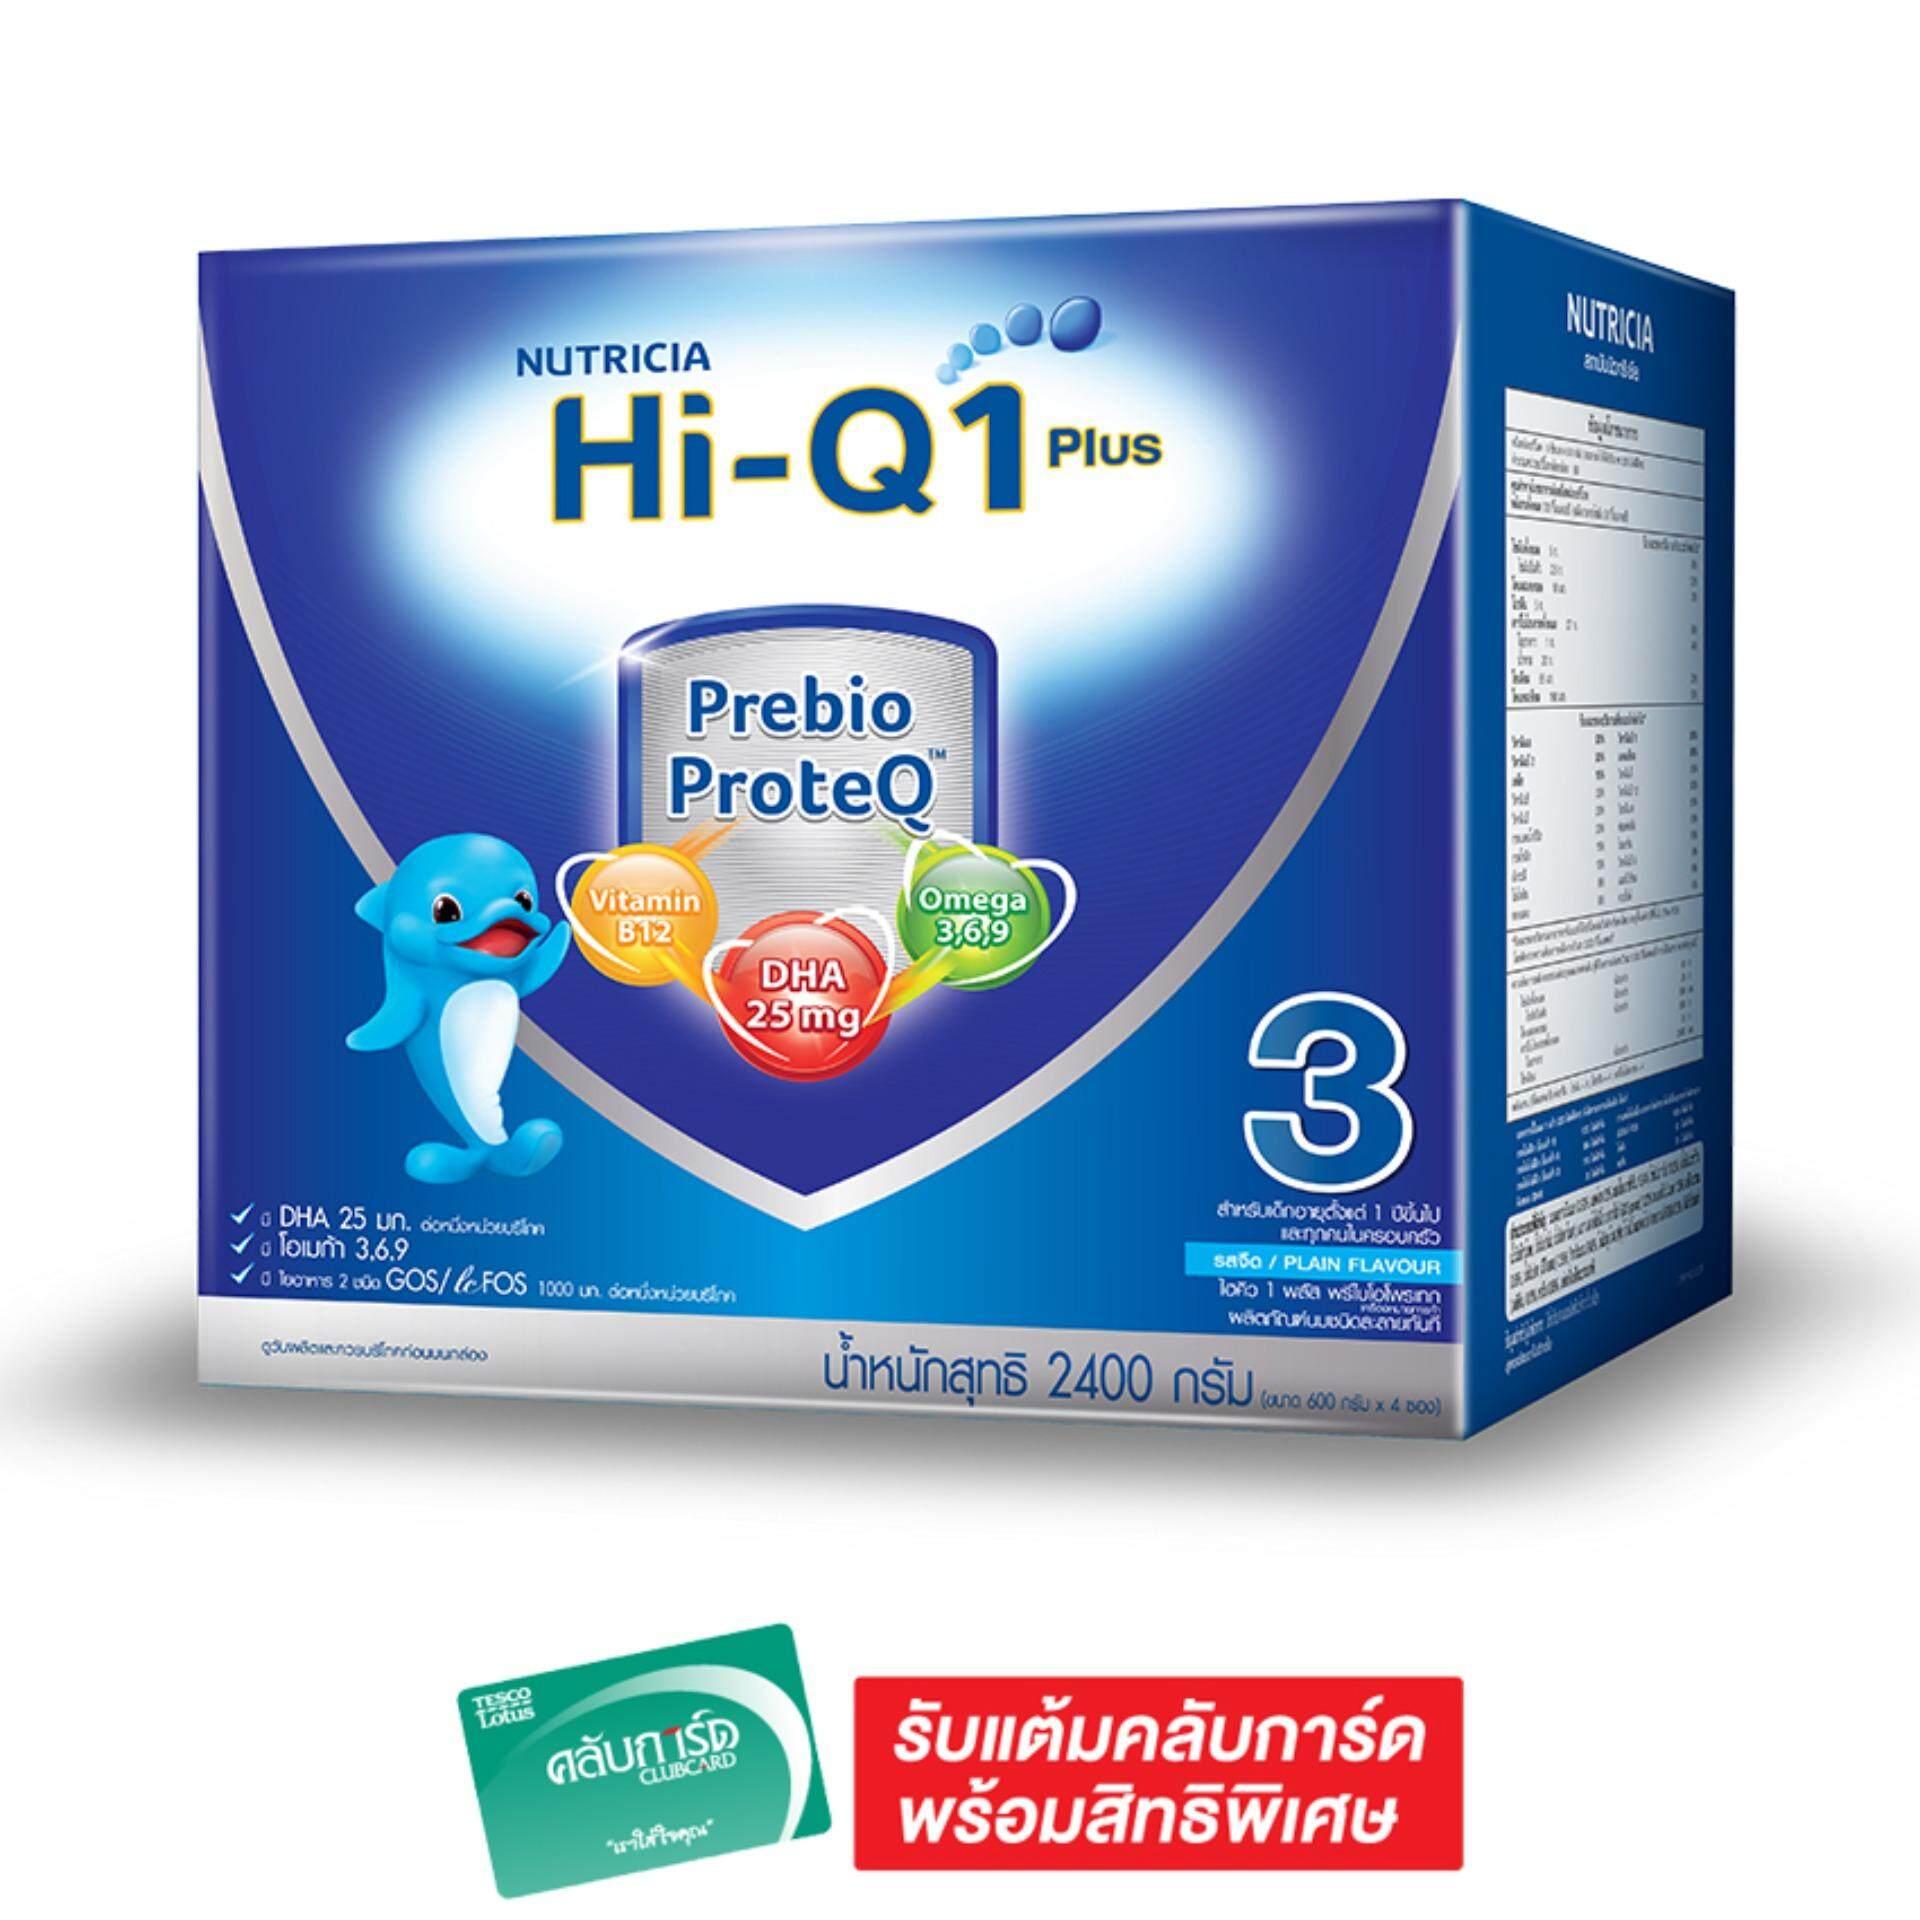 ขาย Hi Q ไฮคิว นมผง 1พลัส พรีไบโอโพรเทค ช่วงวัยที่ 3 รสจืด 2400 กรัม กรุงเทพมหานคร